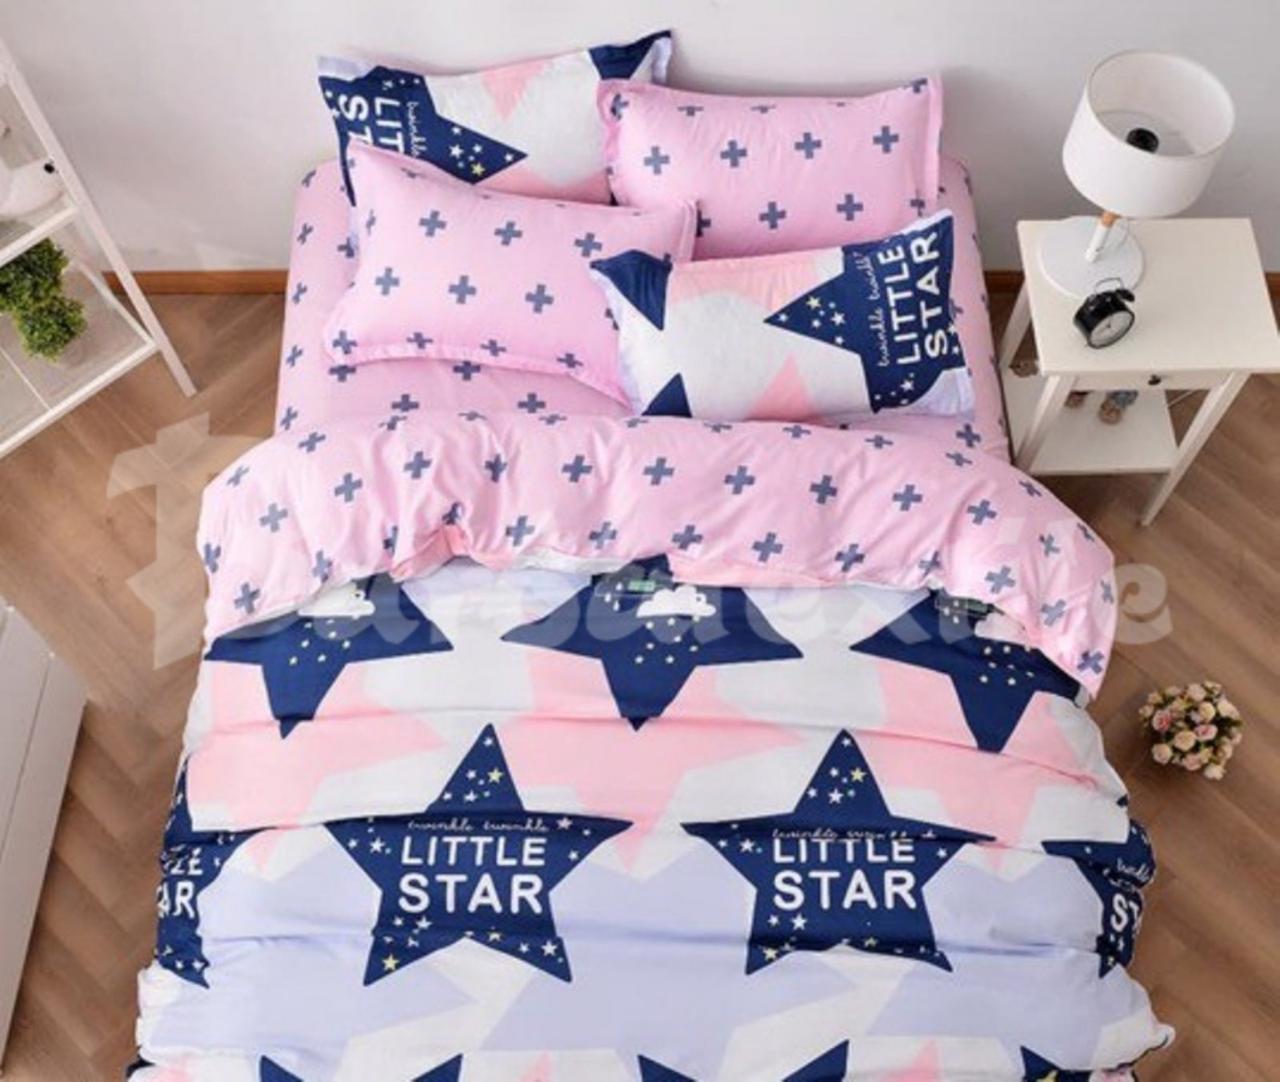 Постельное белье топ качества, двойка, маленькая звезда